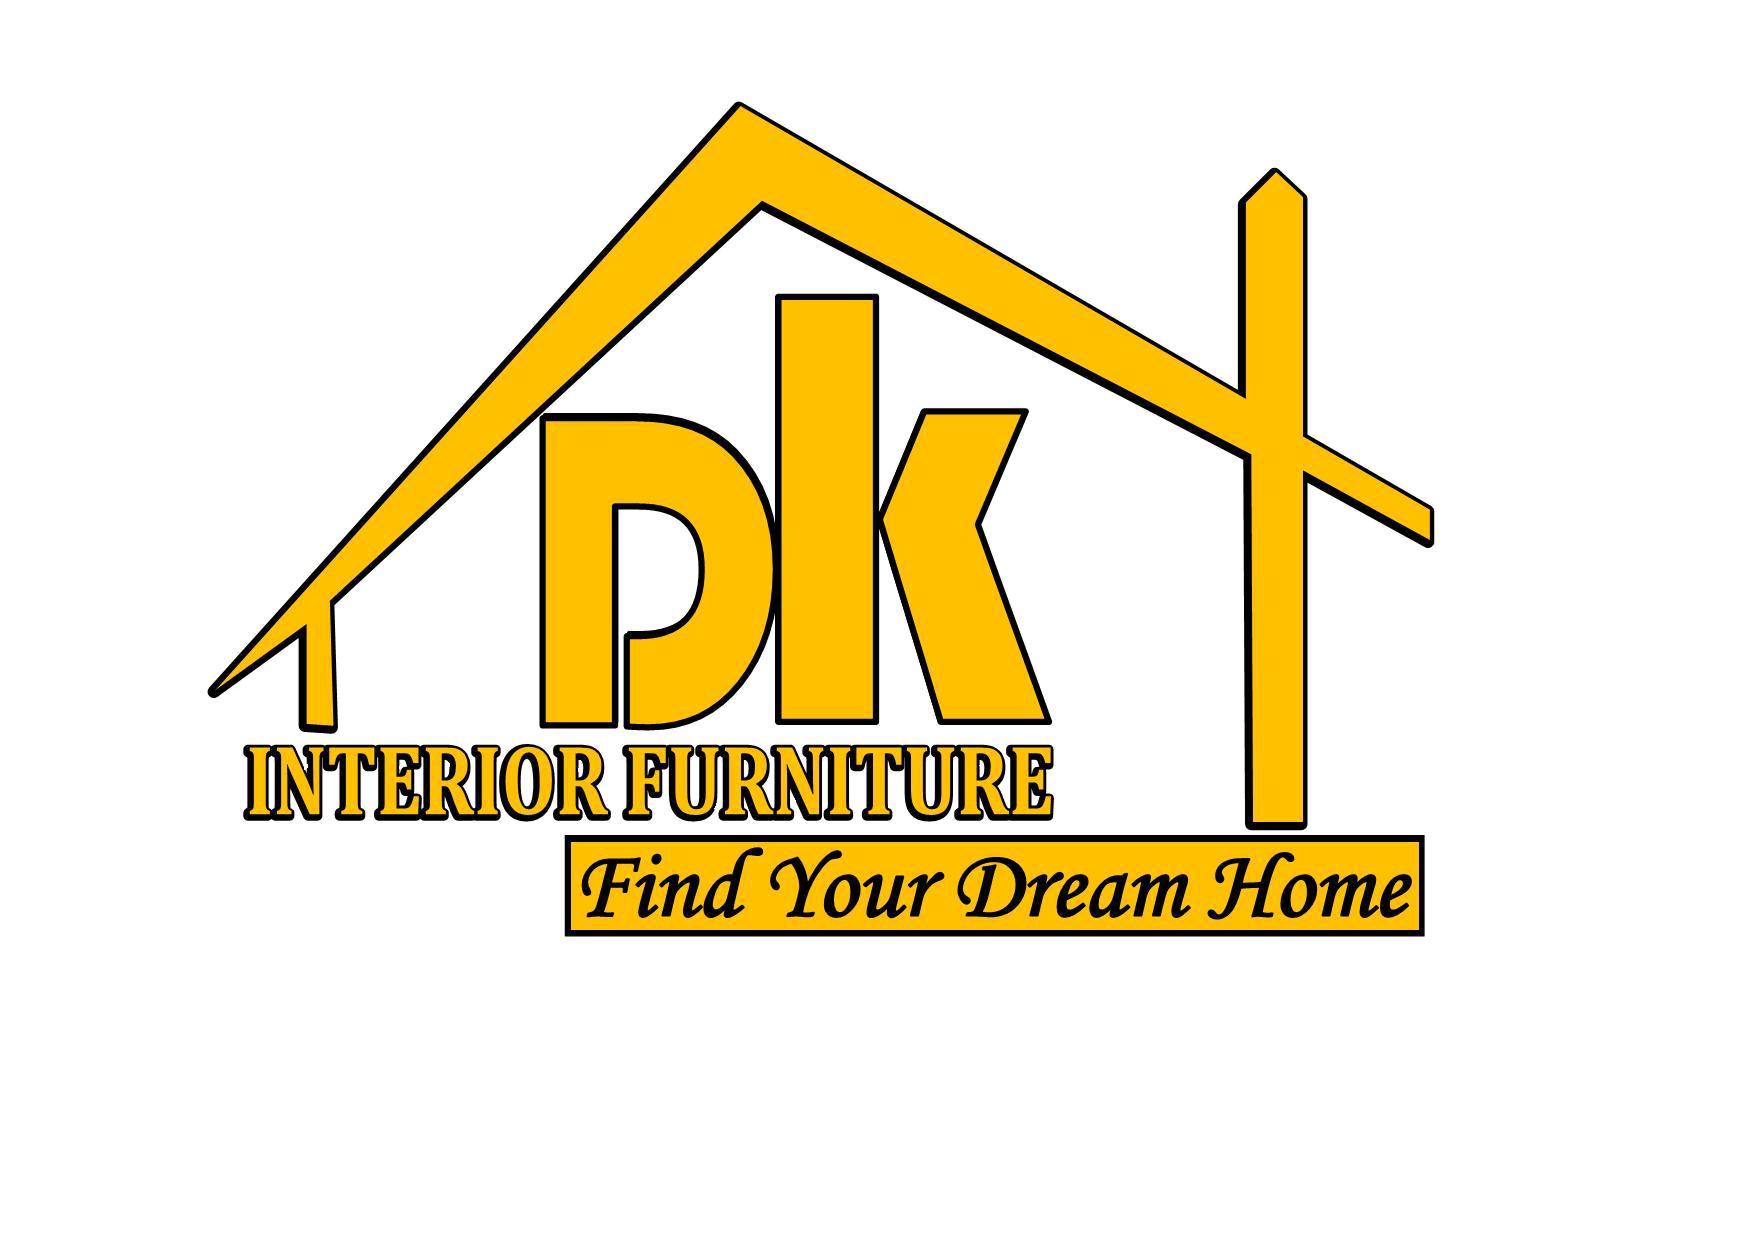 DK Interior